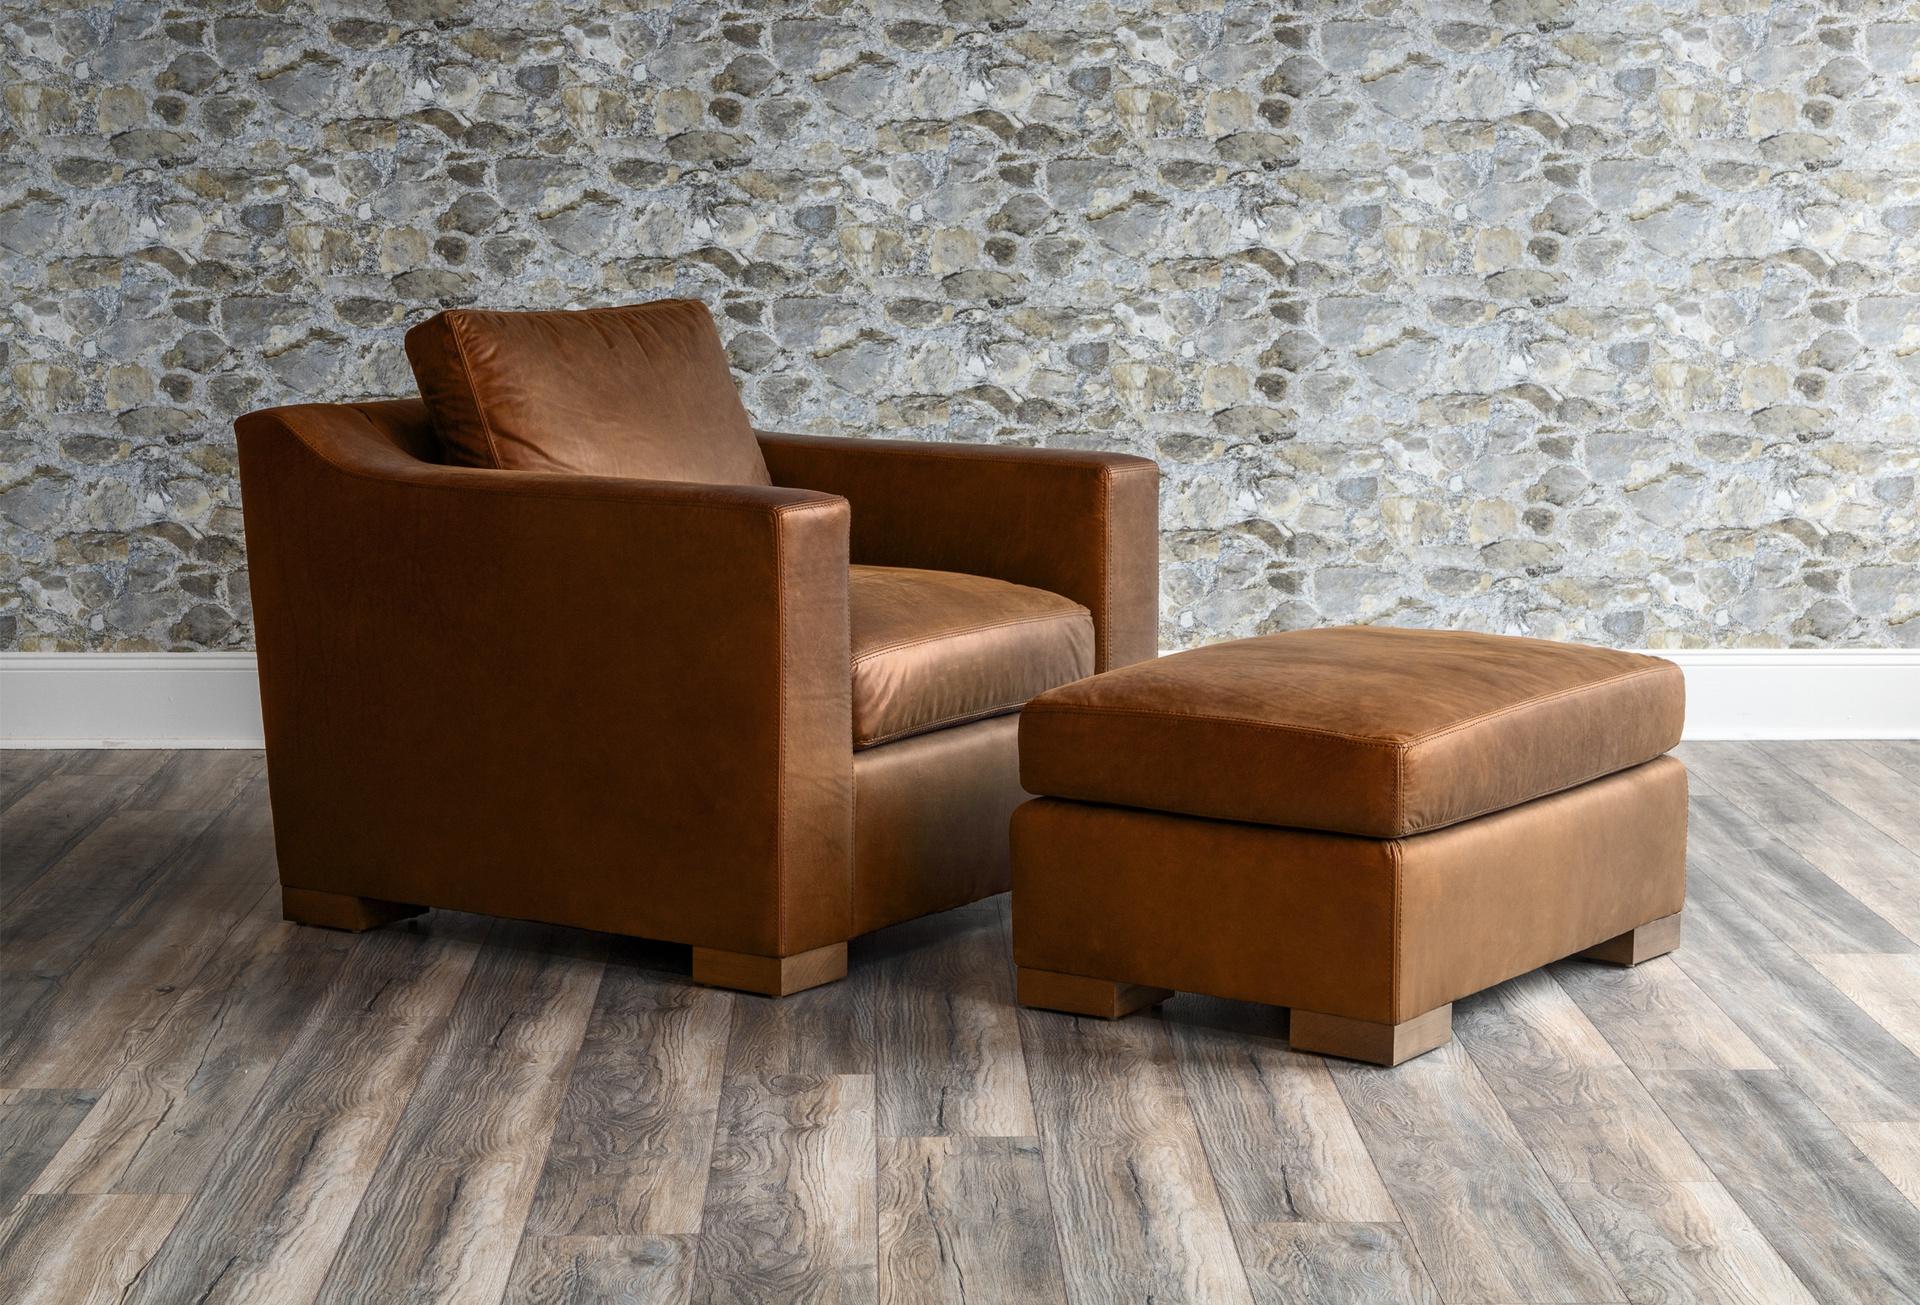 Ottoman & Chair